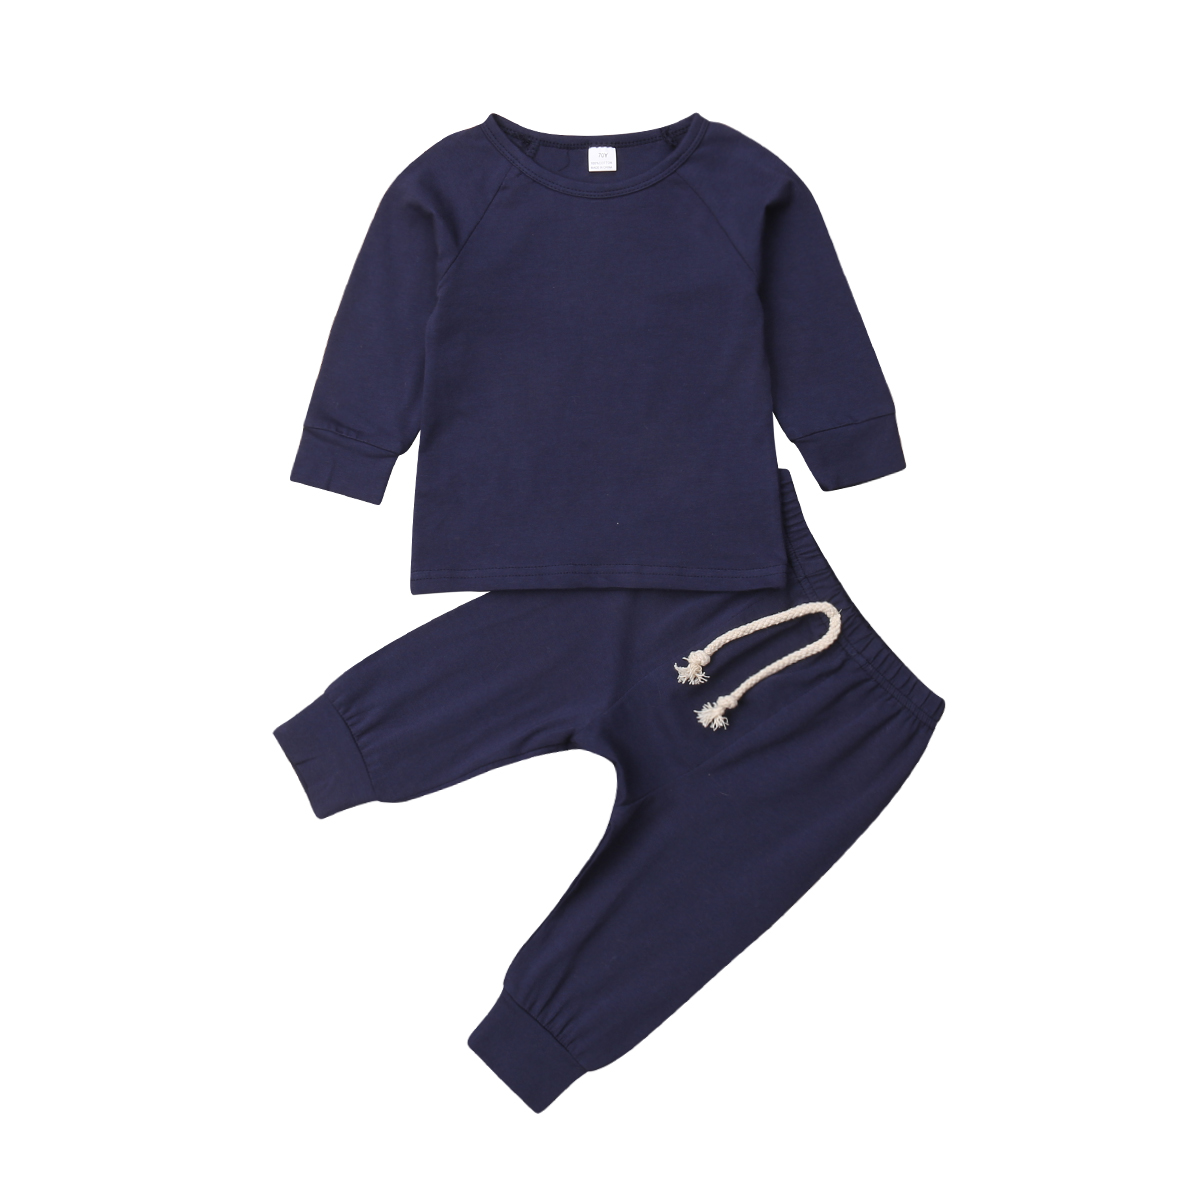 Хлопковый пижамный комплект с длинными рукавами для новорожденных мальчиков и девочек от 0 до 24 месяцев, одежда для сна, одежда для сна, топы и штаны, комплекты одежды для малышей из 2 предметов - Цвет: Тёмно-синий